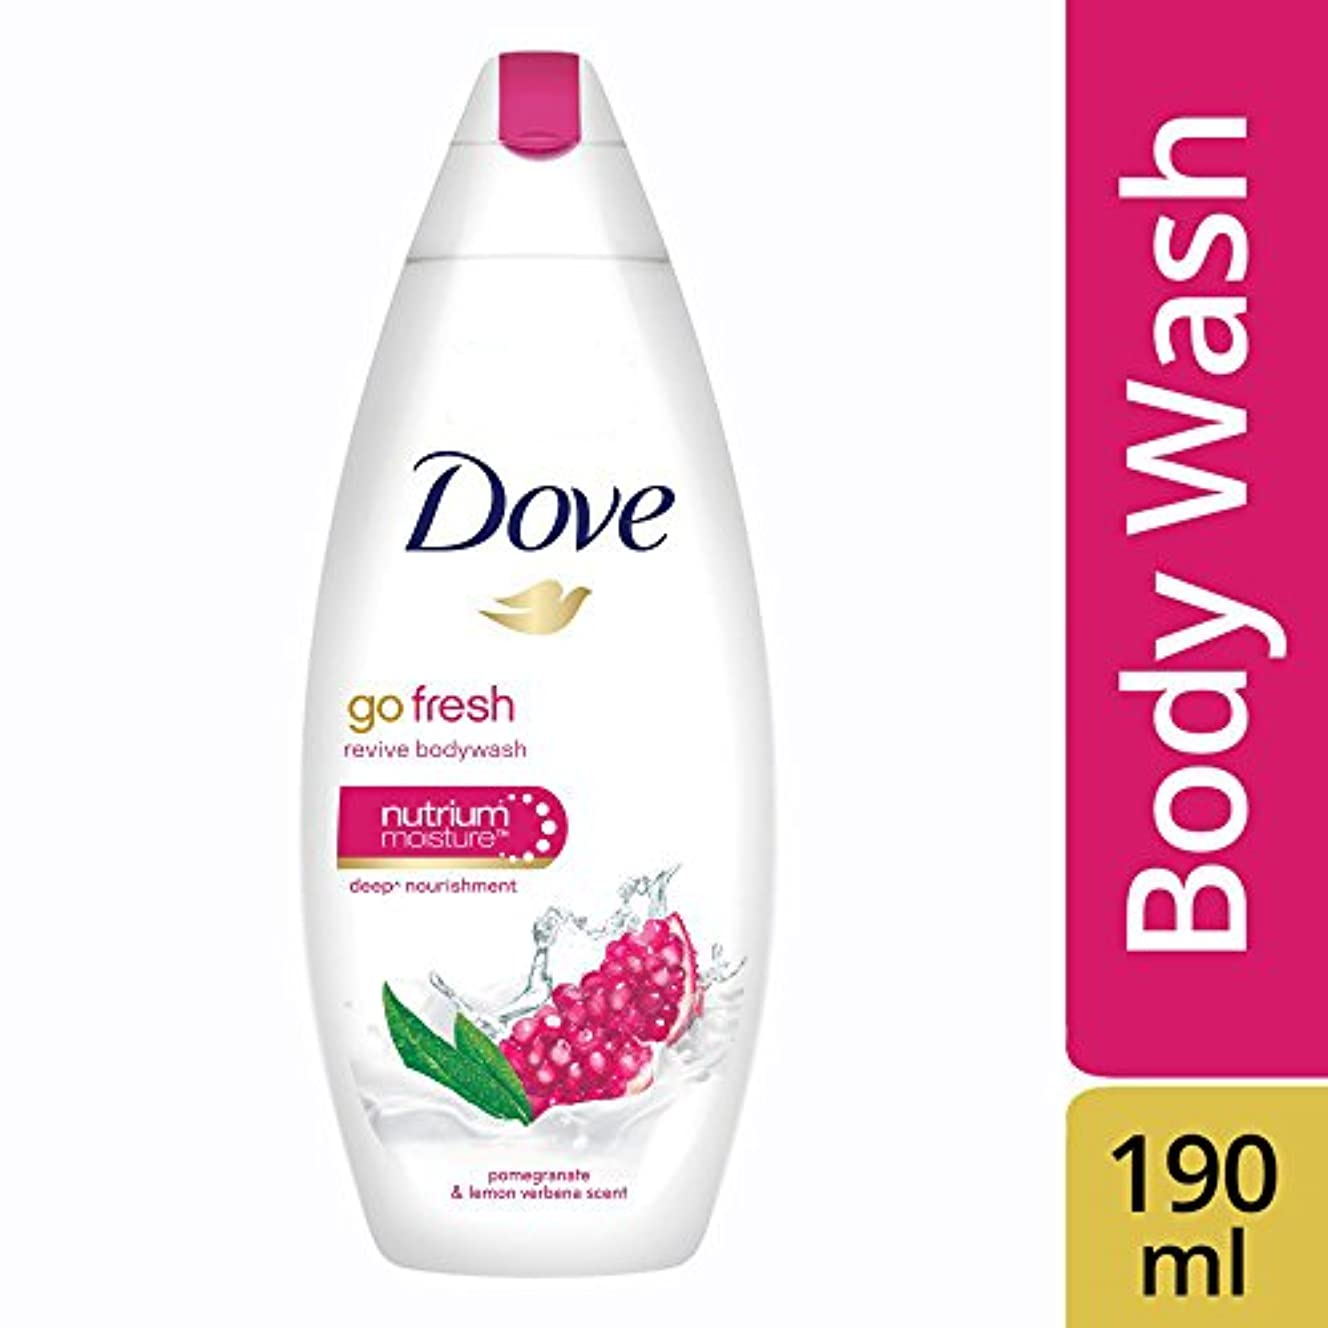 ペイント葬儀論理的にDove Go Fresh Revive Body Wash, 190ml